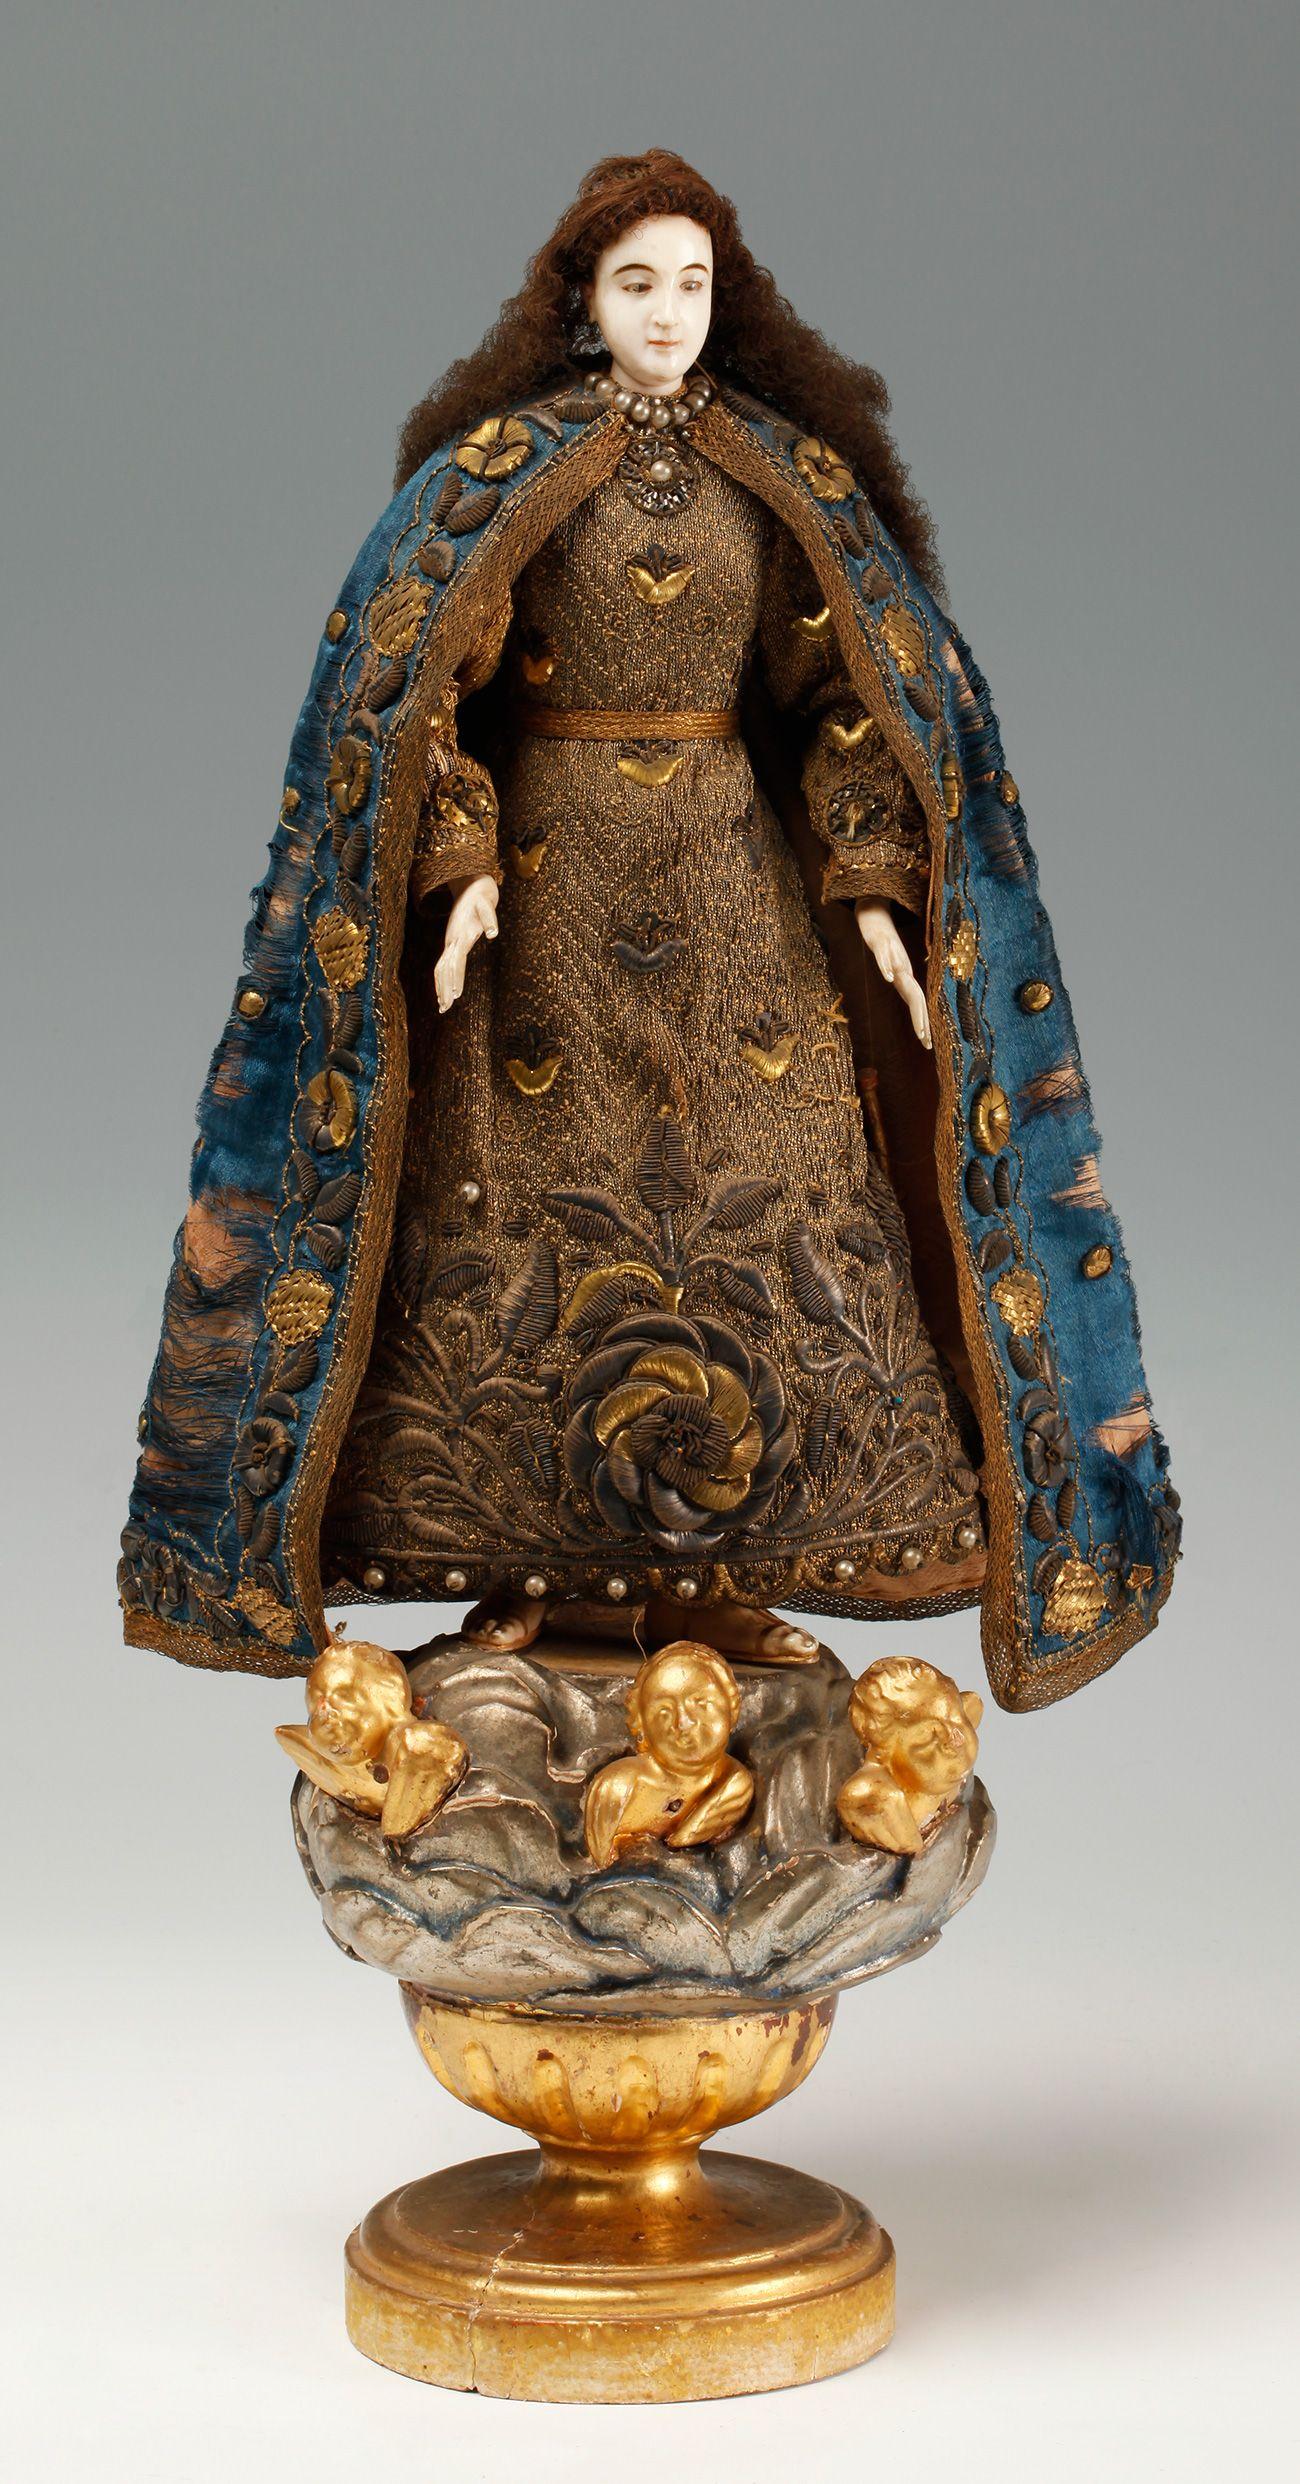 7e47eec9d0d Escultura    Escuela hispano-filipina del siglo XVIII    Subastas Online de  Arte